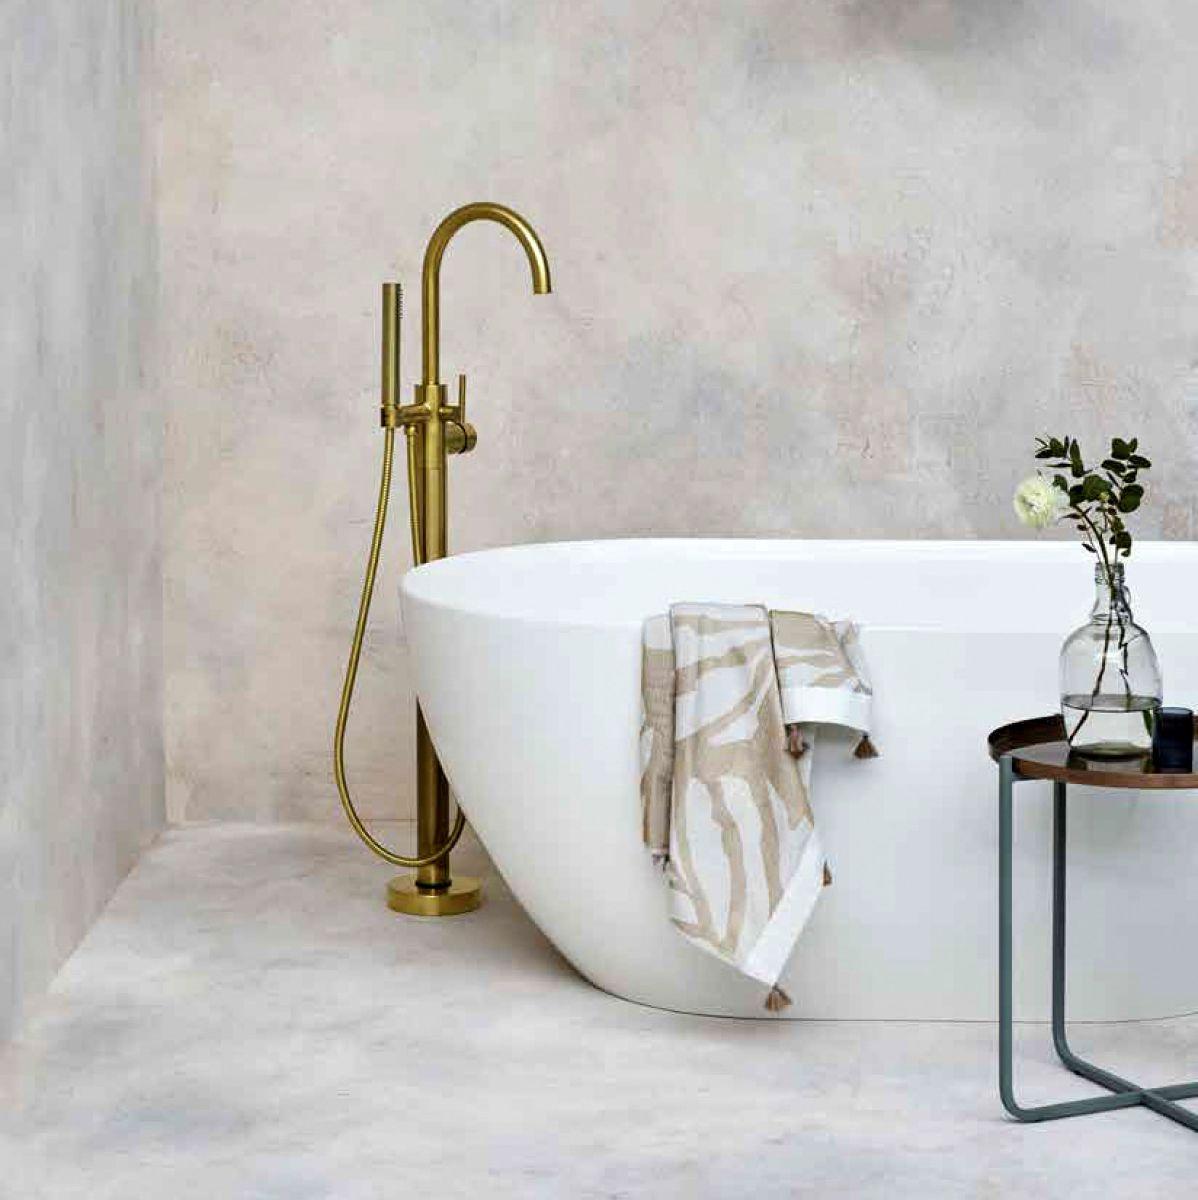 Floor standing bath tap